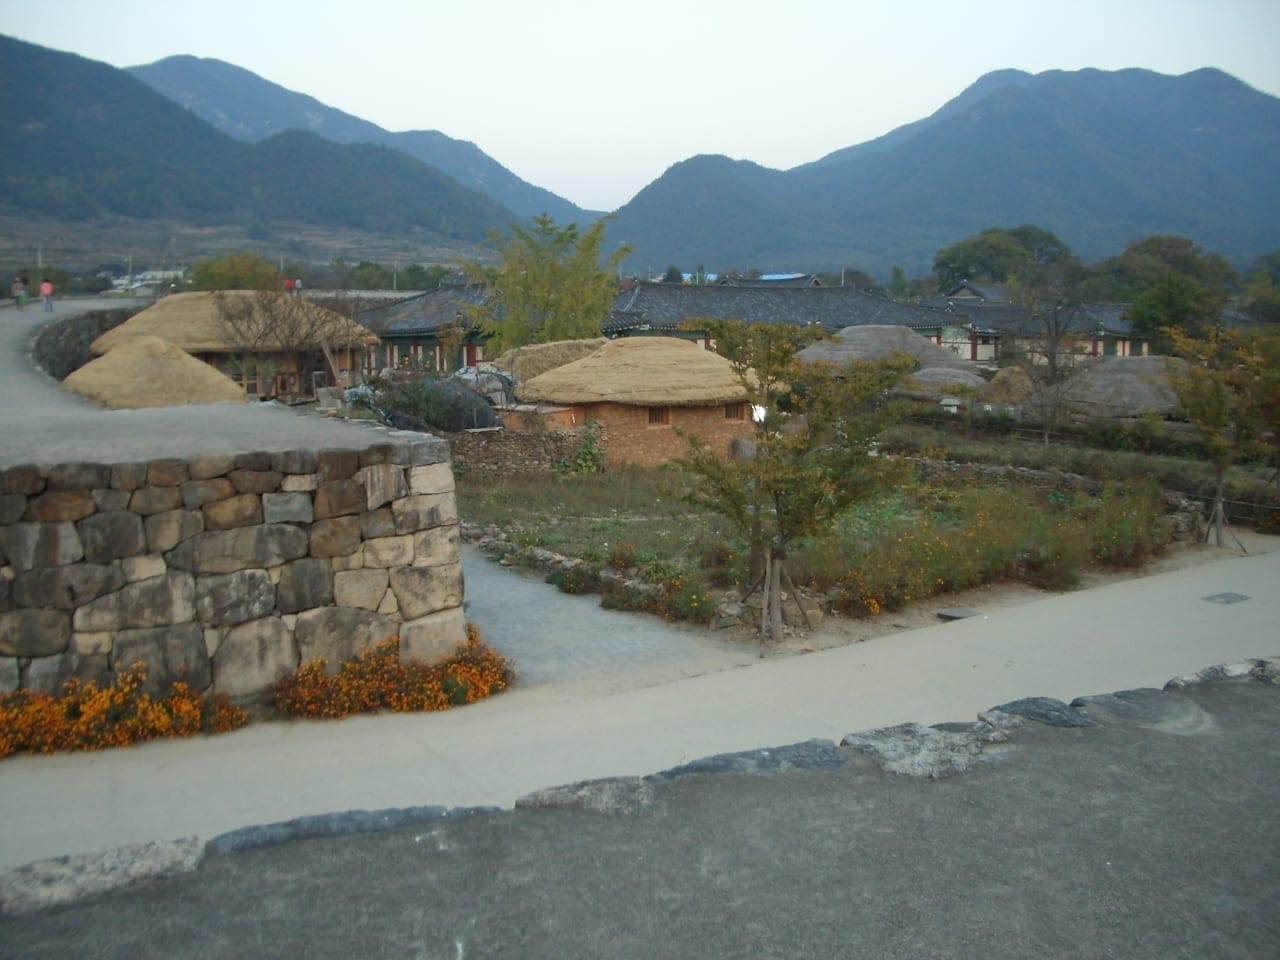 El castillo de Naganepseong Rebelión Yeosu-Suncheon Corea del Sur